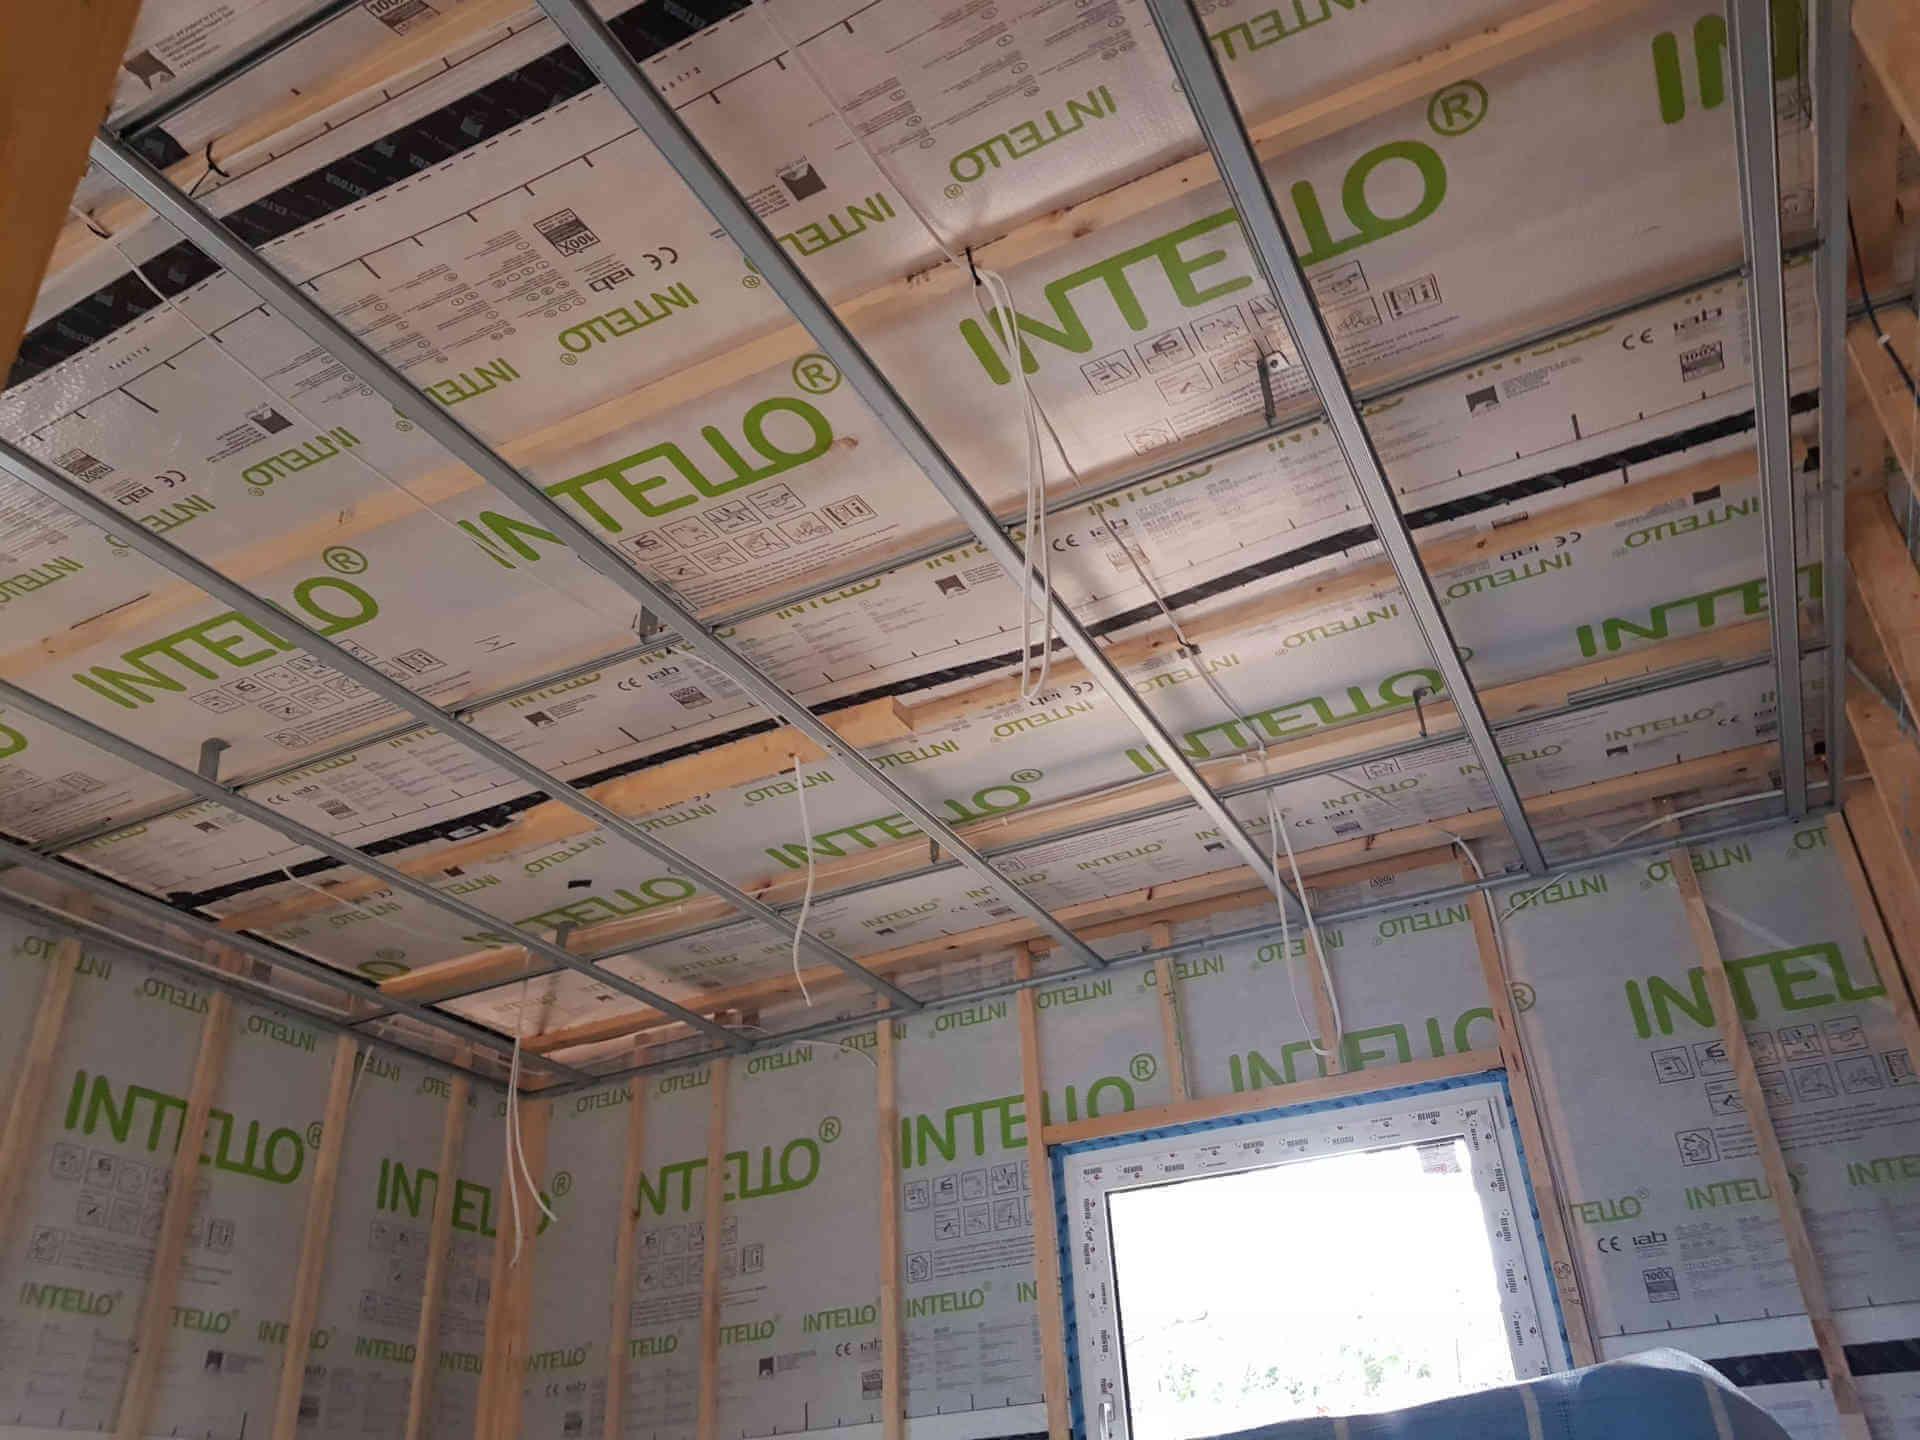 Intello - Enduro Builders Project